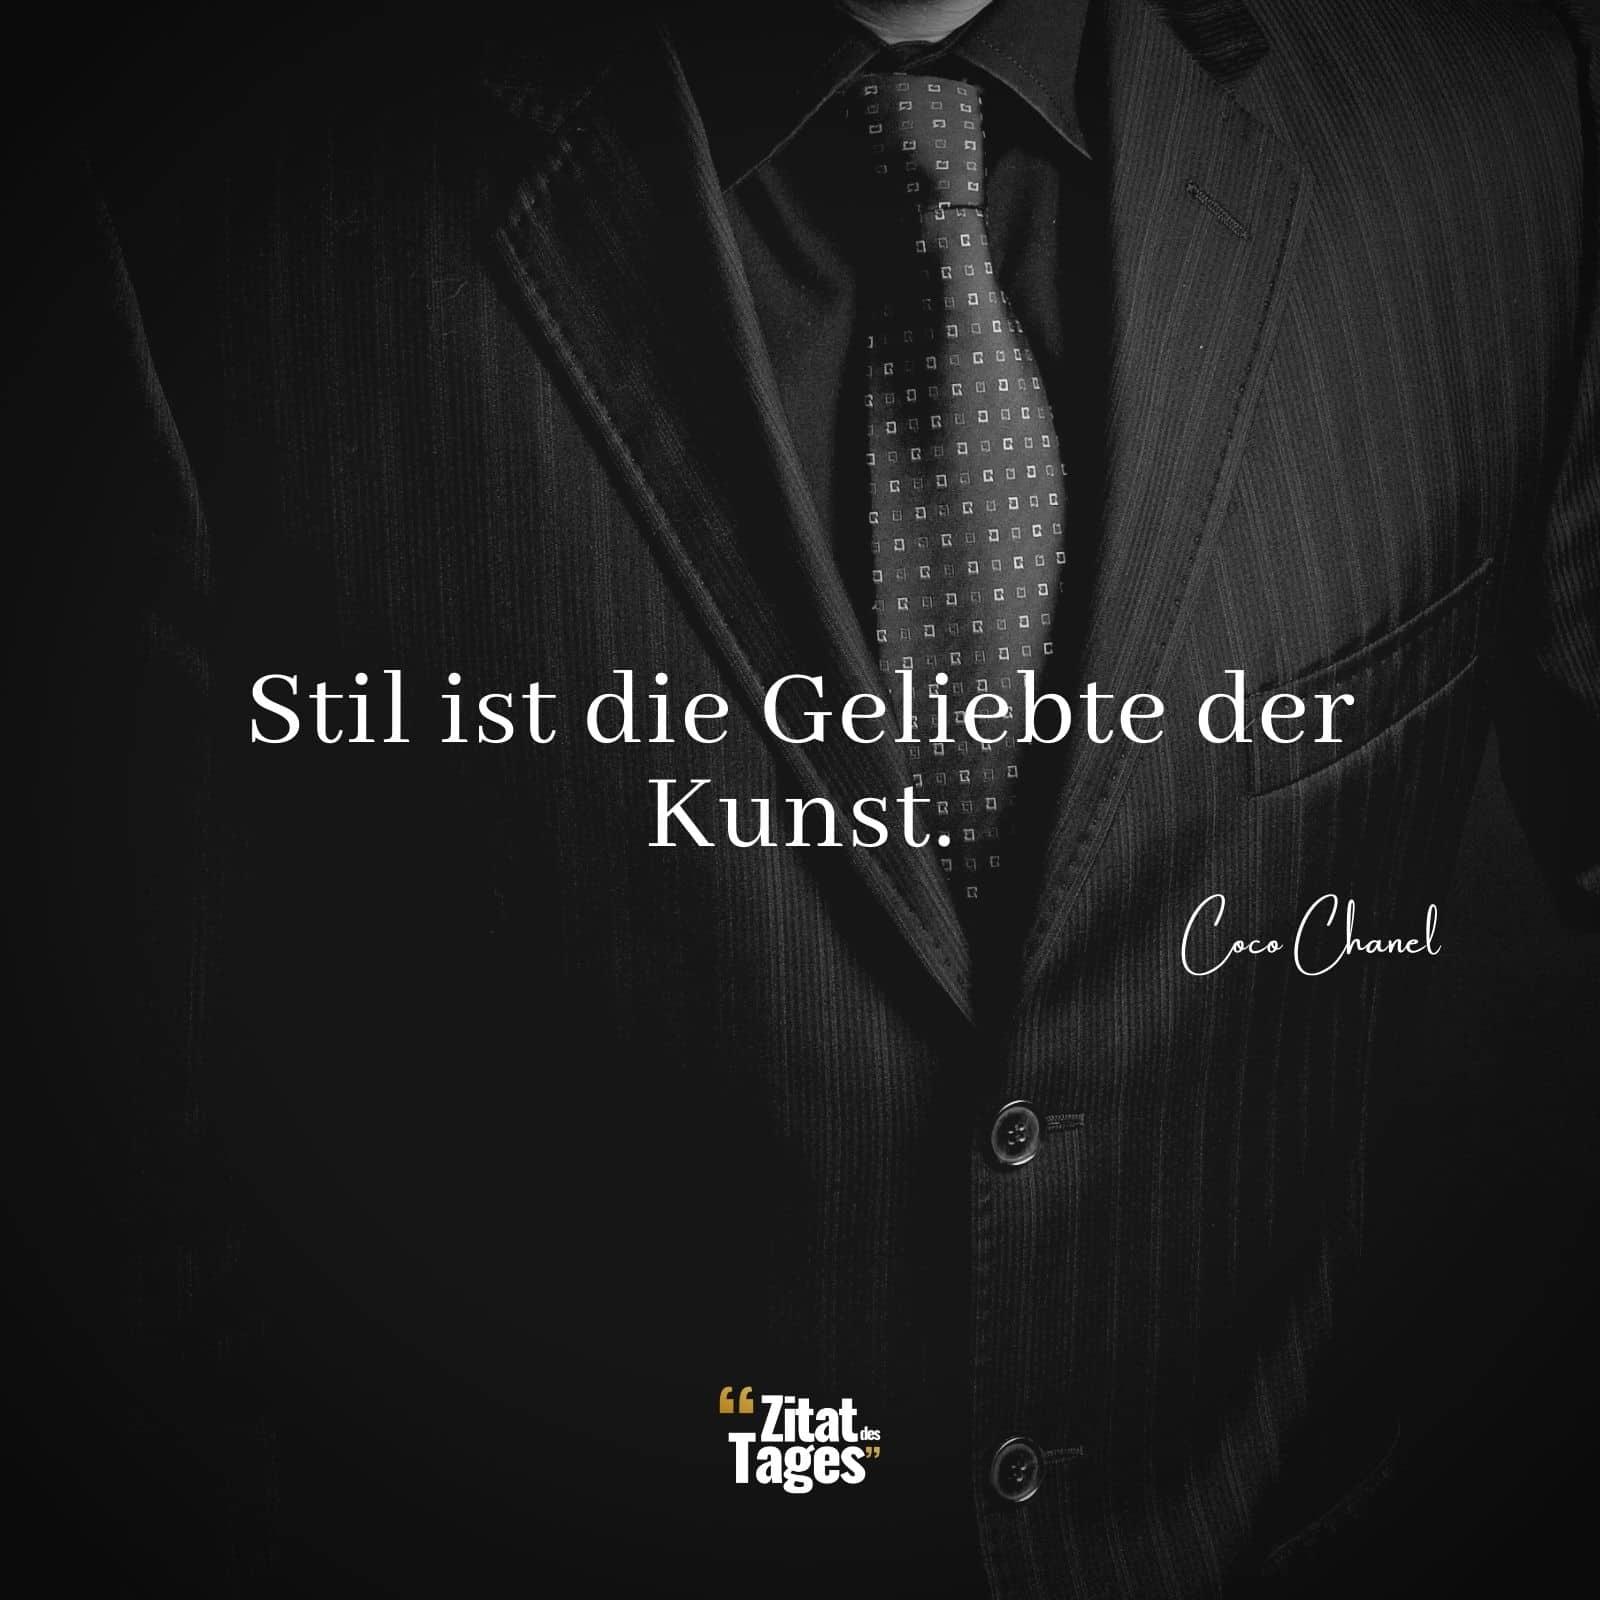 Coco Chanel Zitate Und Spruche Zitat Des Tages